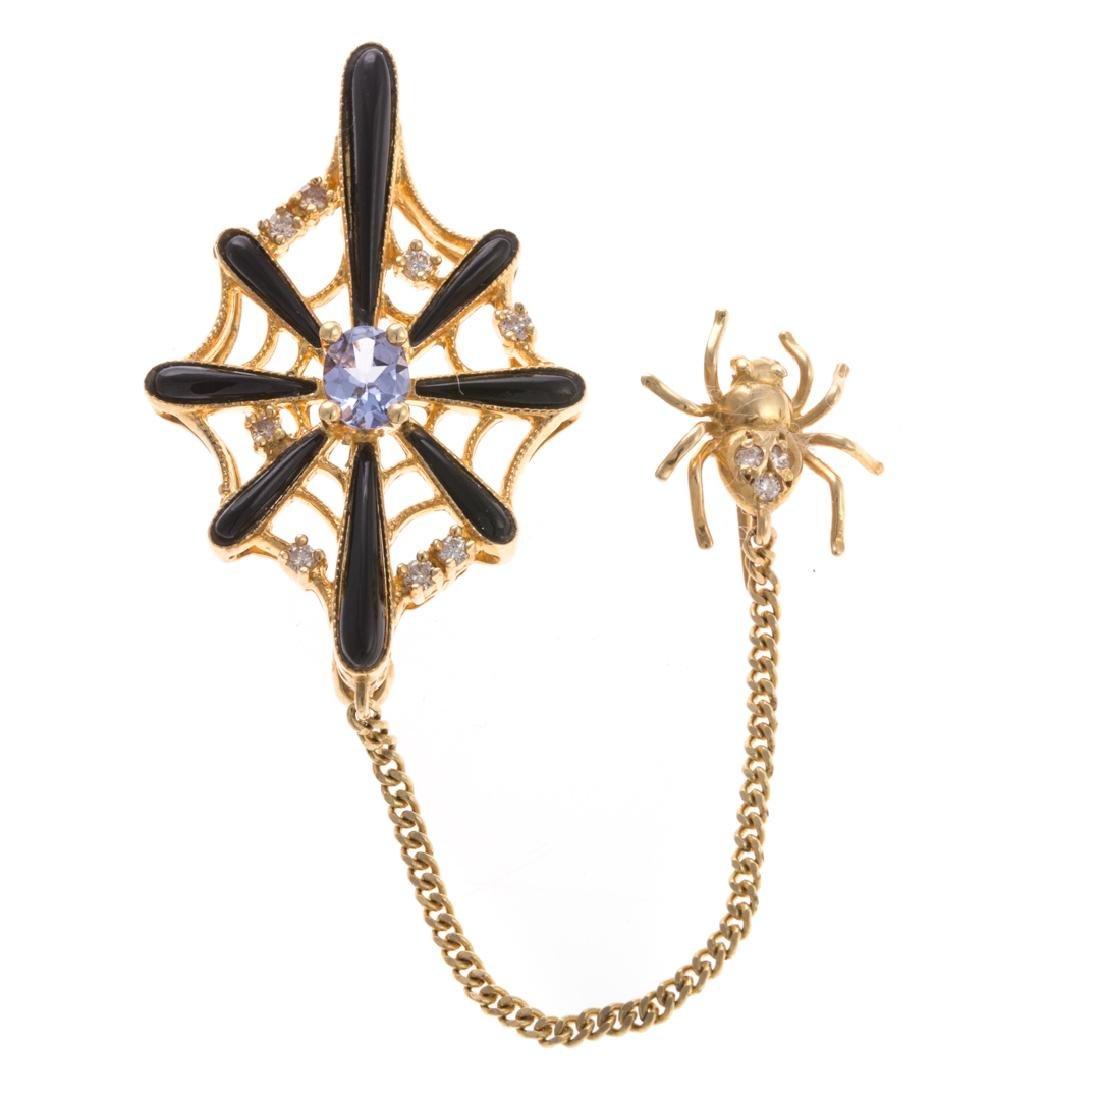 A Spider Web Pin with Diamonds & Tanzanite in 18K